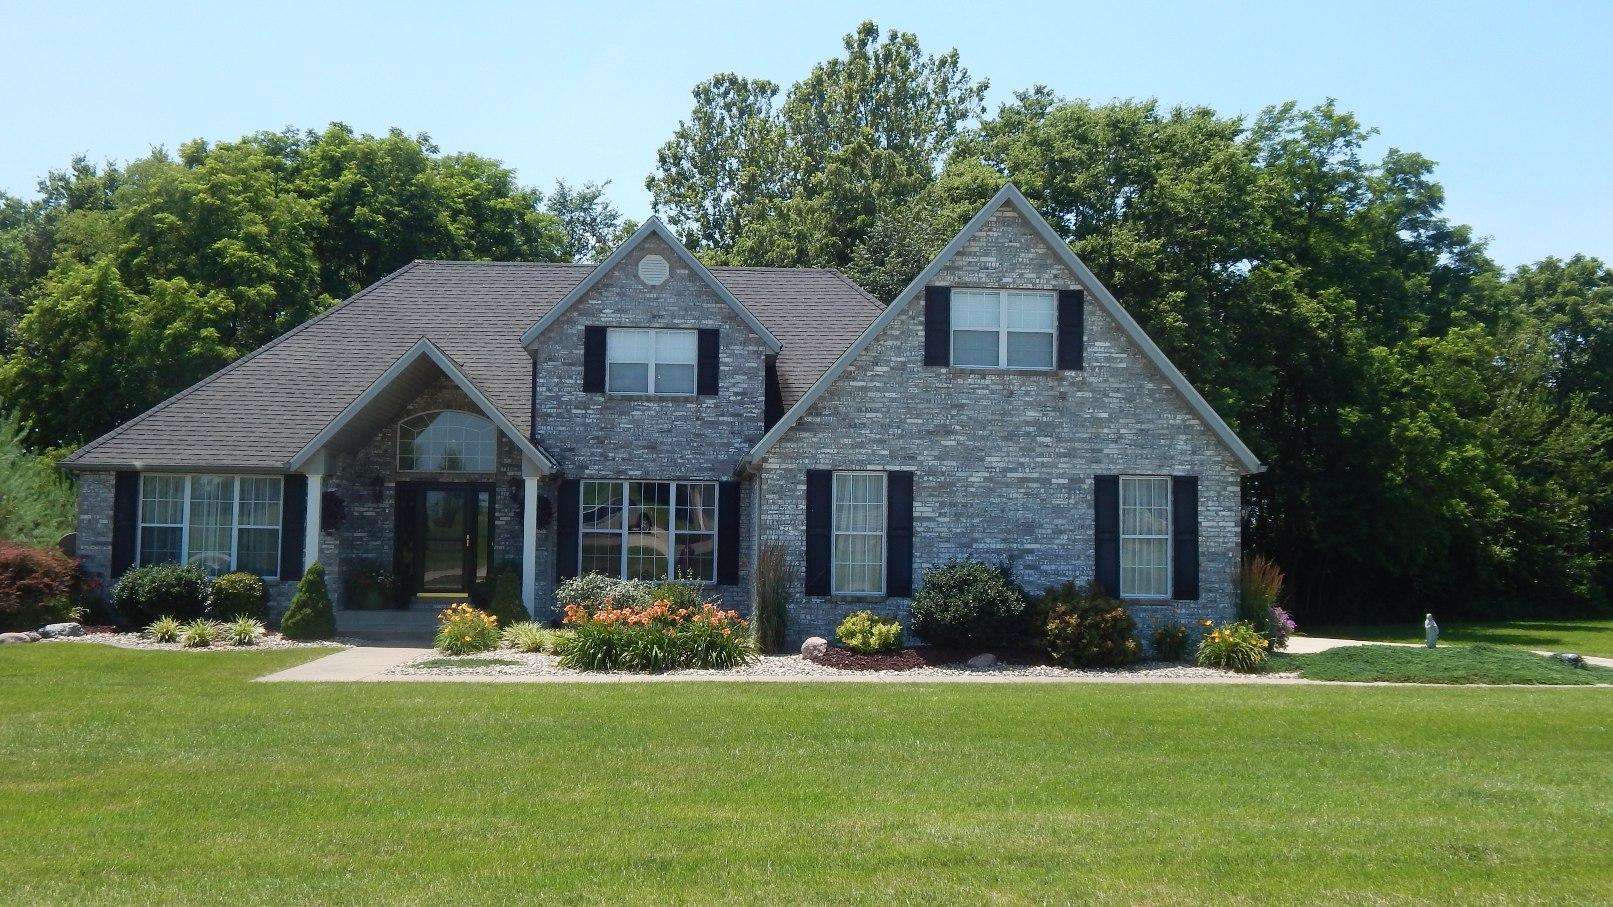 23243 EAGLE Ct, Jerseyville, Illinois 62052